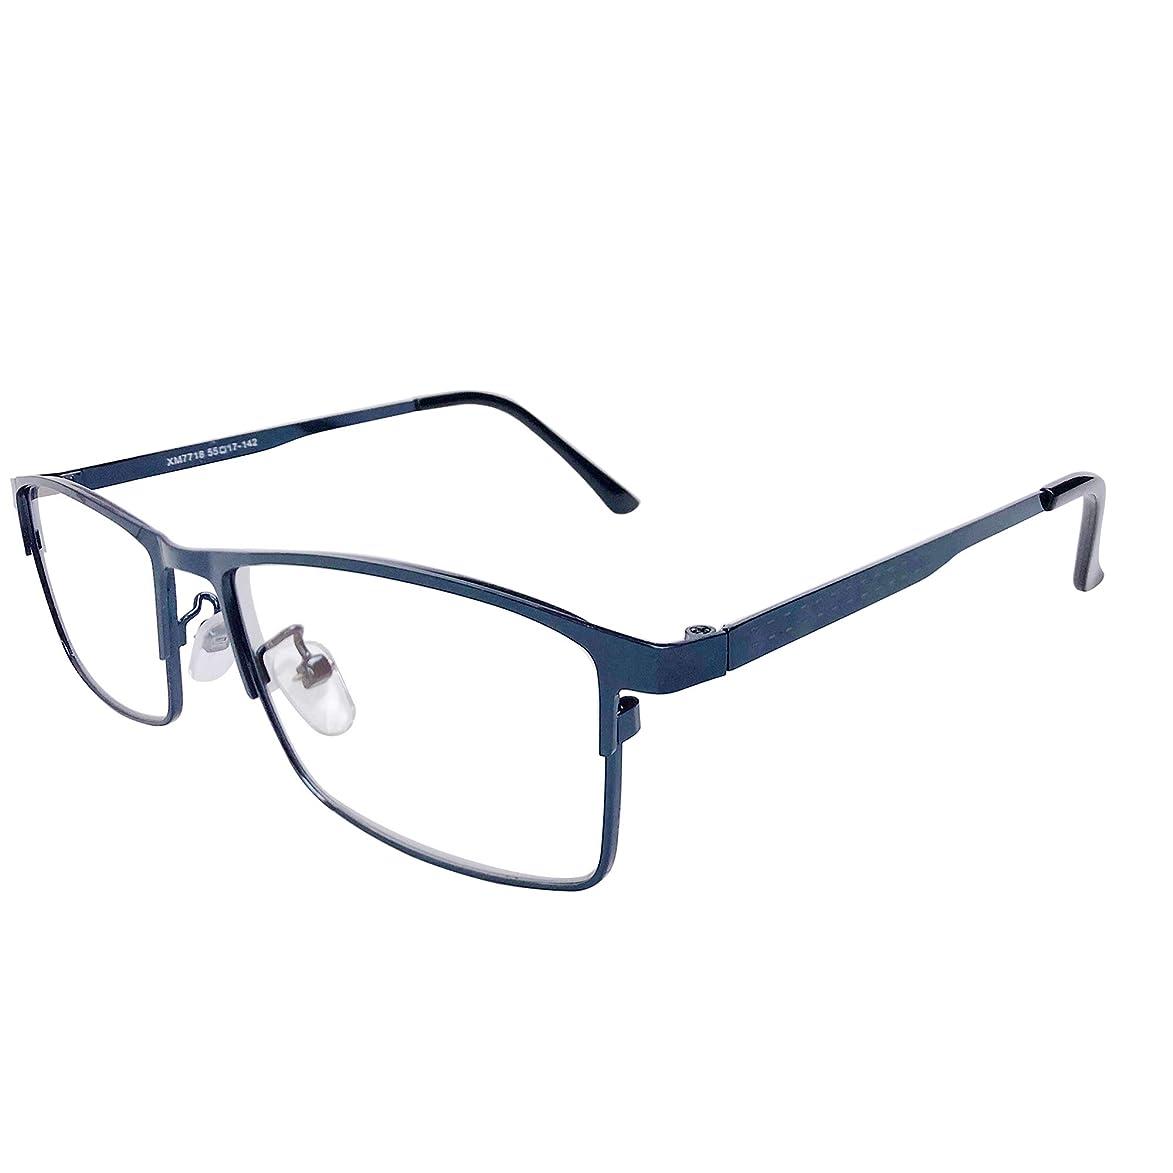 WINTER PLUM Reading Glasse,Blue Light Blocking Computer Glasses,Anti UV Glare Harmful for Men and Women(7718/Blue)